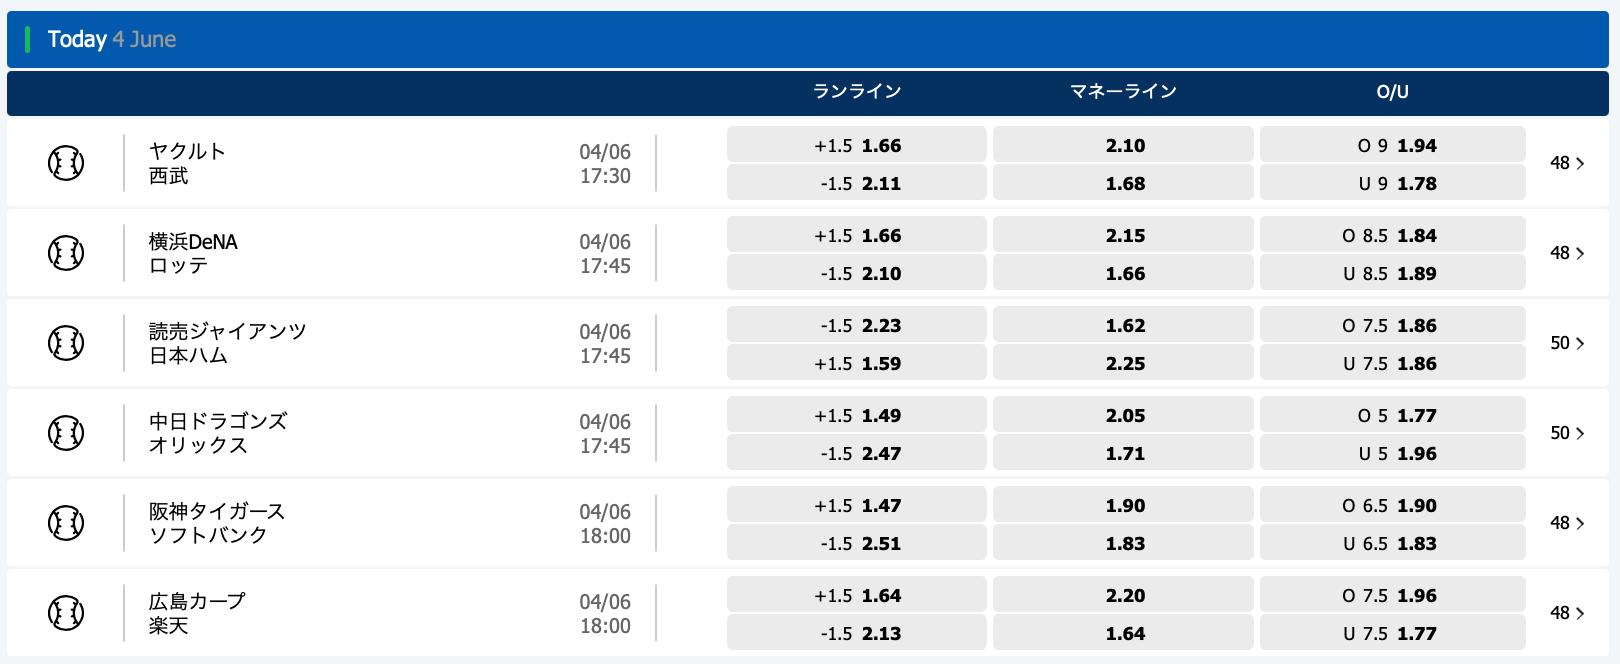 2021年6月4日プロ野球オッズ・10bet Japan